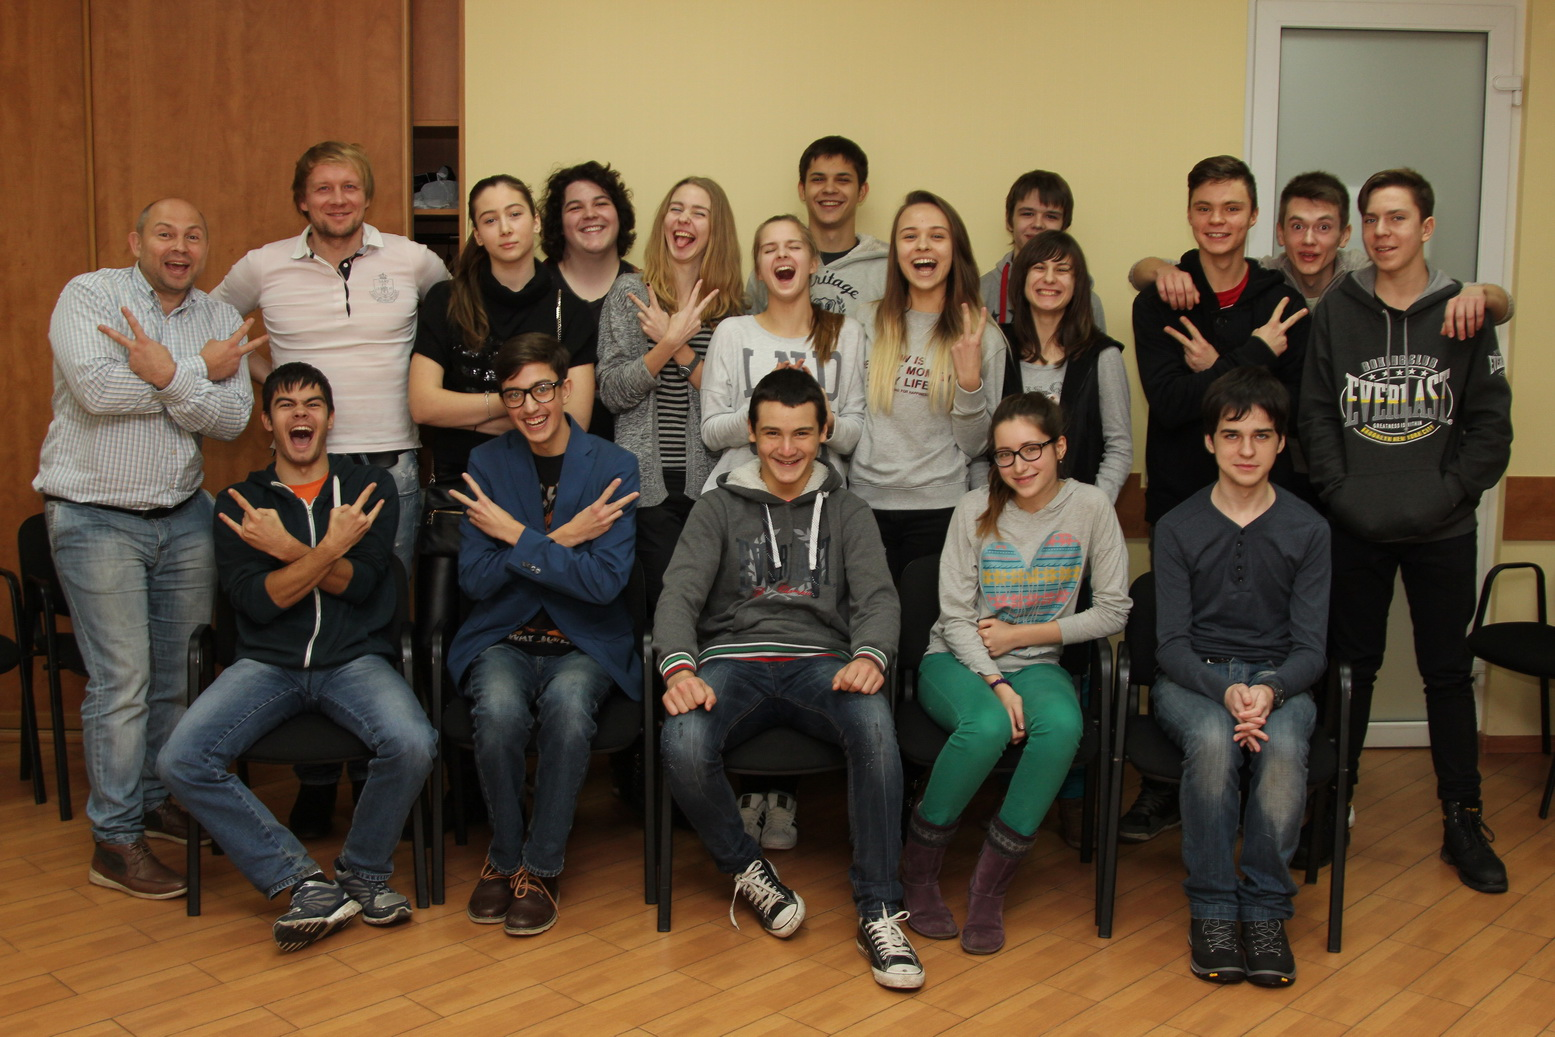 Подростковый клуб — это встречи, занятия и образовательные дружеские беседы для подростков.